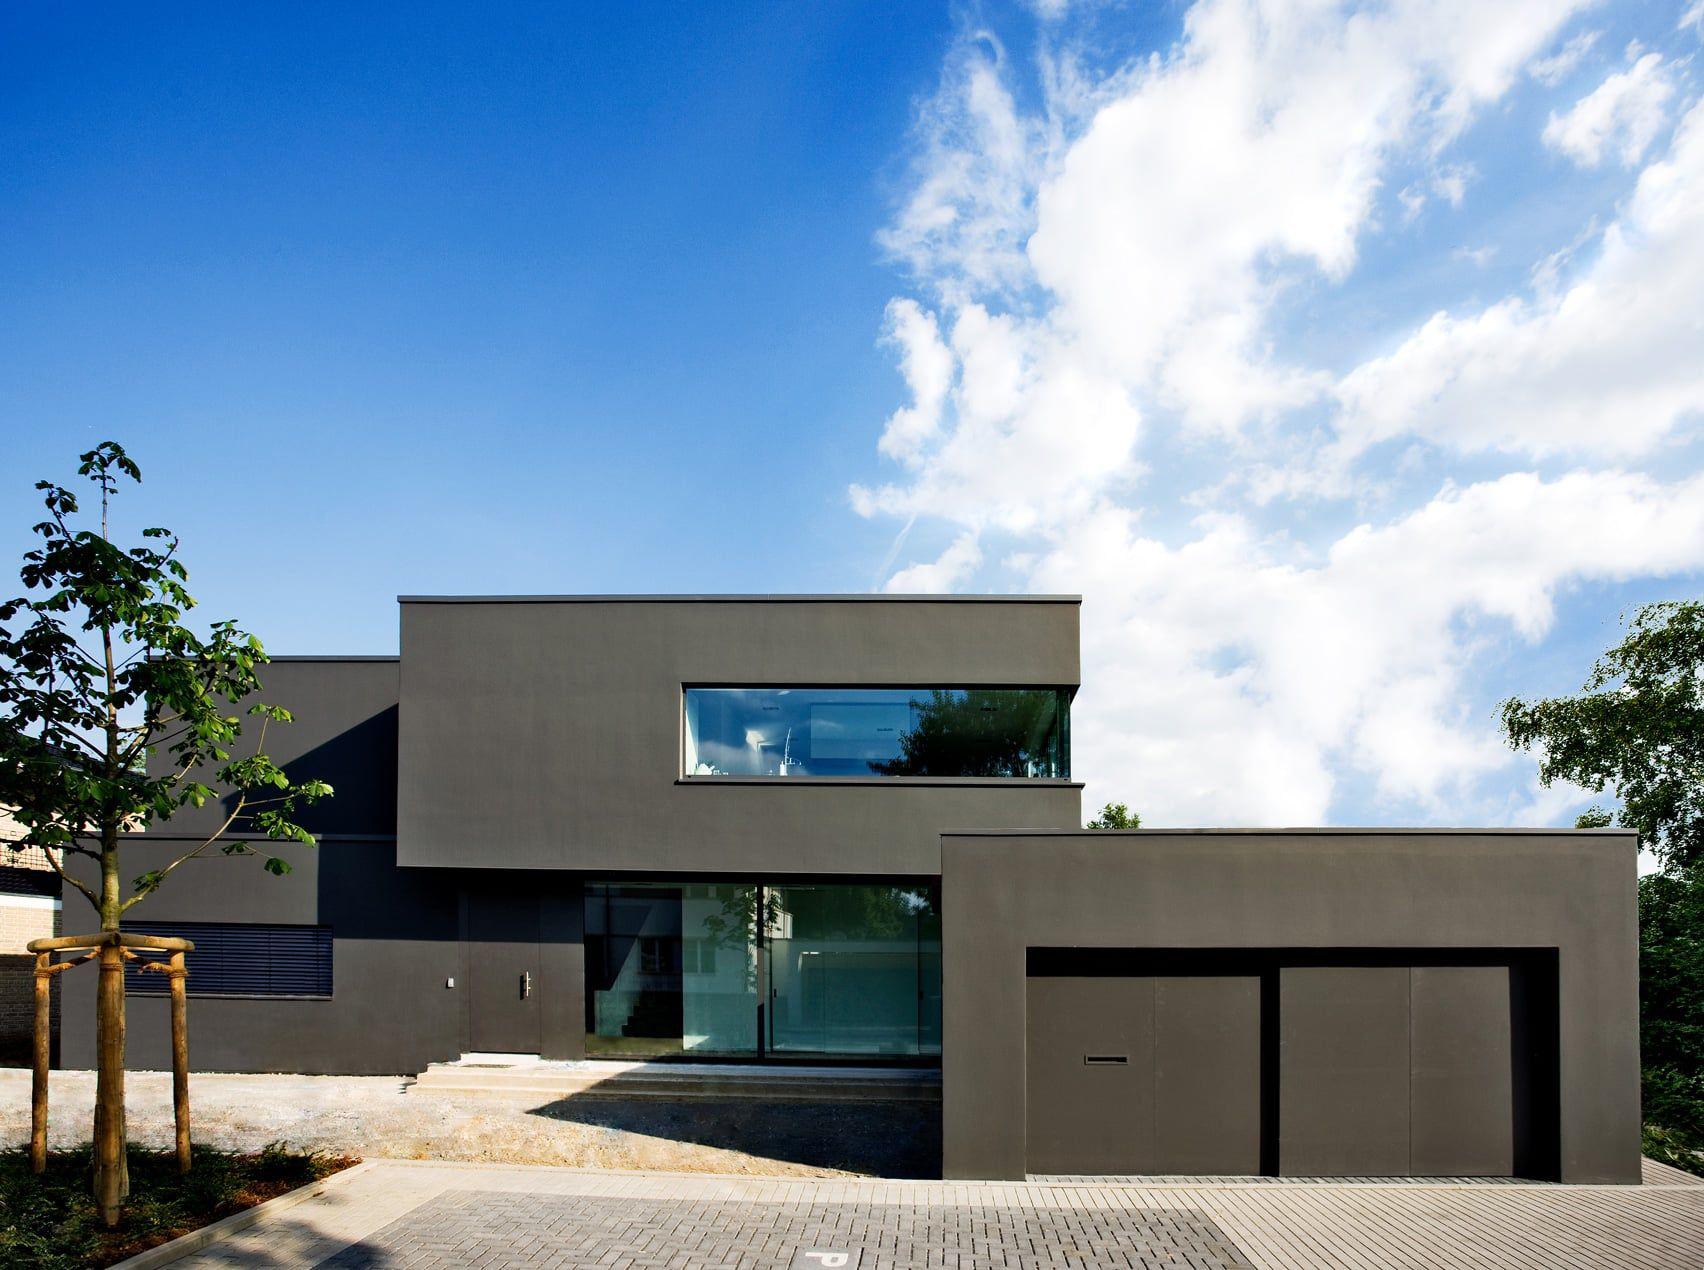 Bauk Rper Und Fassade (House Architecture Modern)